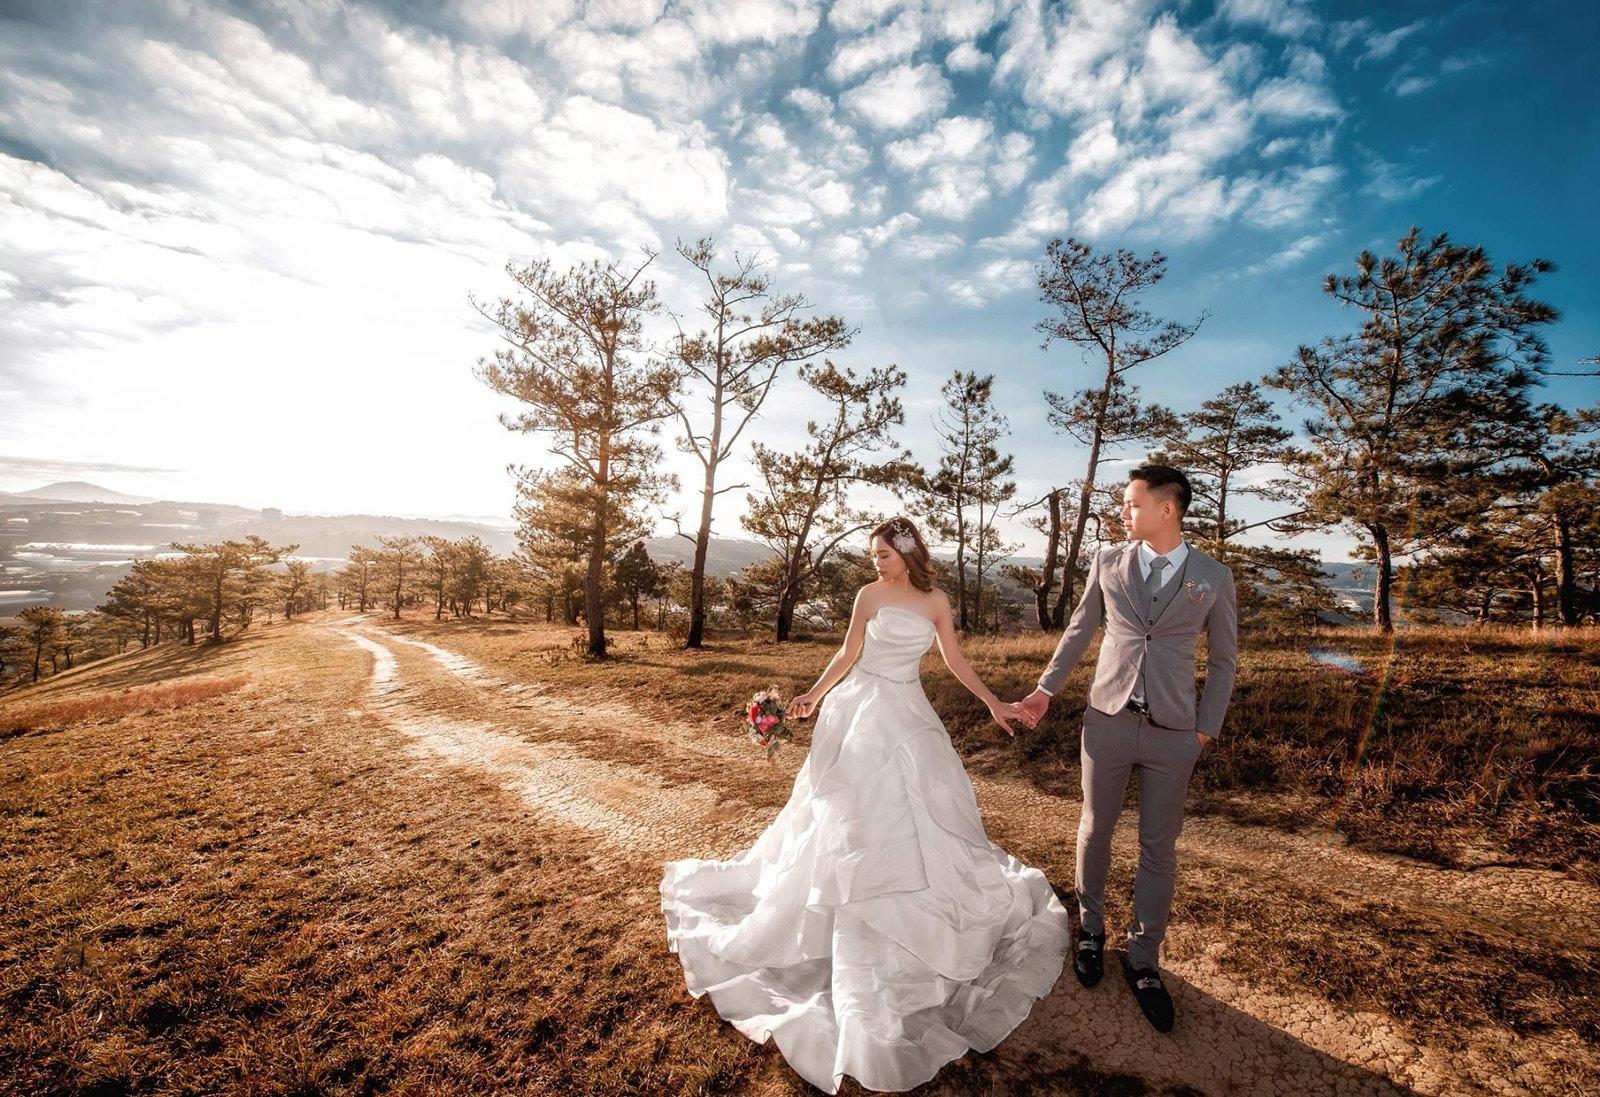 Studio chụp hình cưới Đà Lạt đẹp bạn không nên bỏ qua - Chụp hình cưới - Quay phim Phóng sự Cưới Hỏi - Lavender Wedding Studio